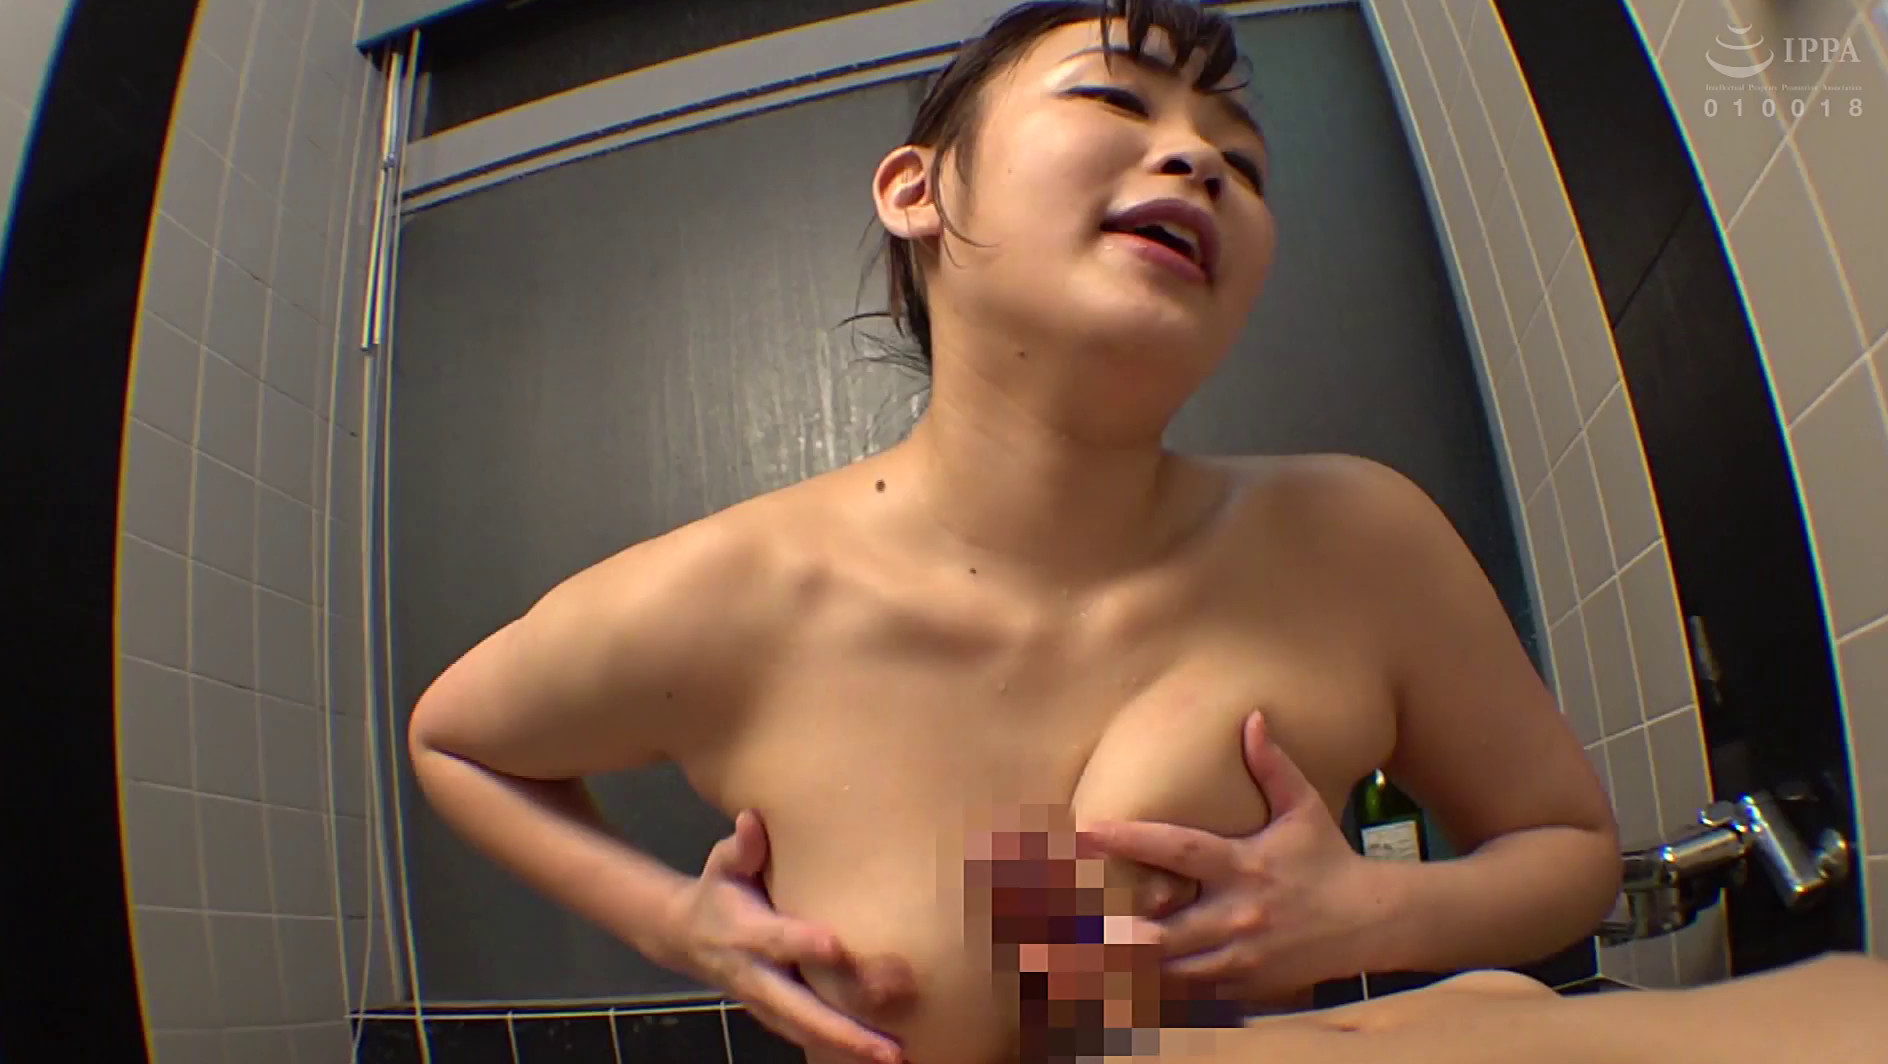 最高の愛人、濃密な中出し性交 File.8 100cm巨尻&美乳のしっとり美女 清音咲良(21) 画像20